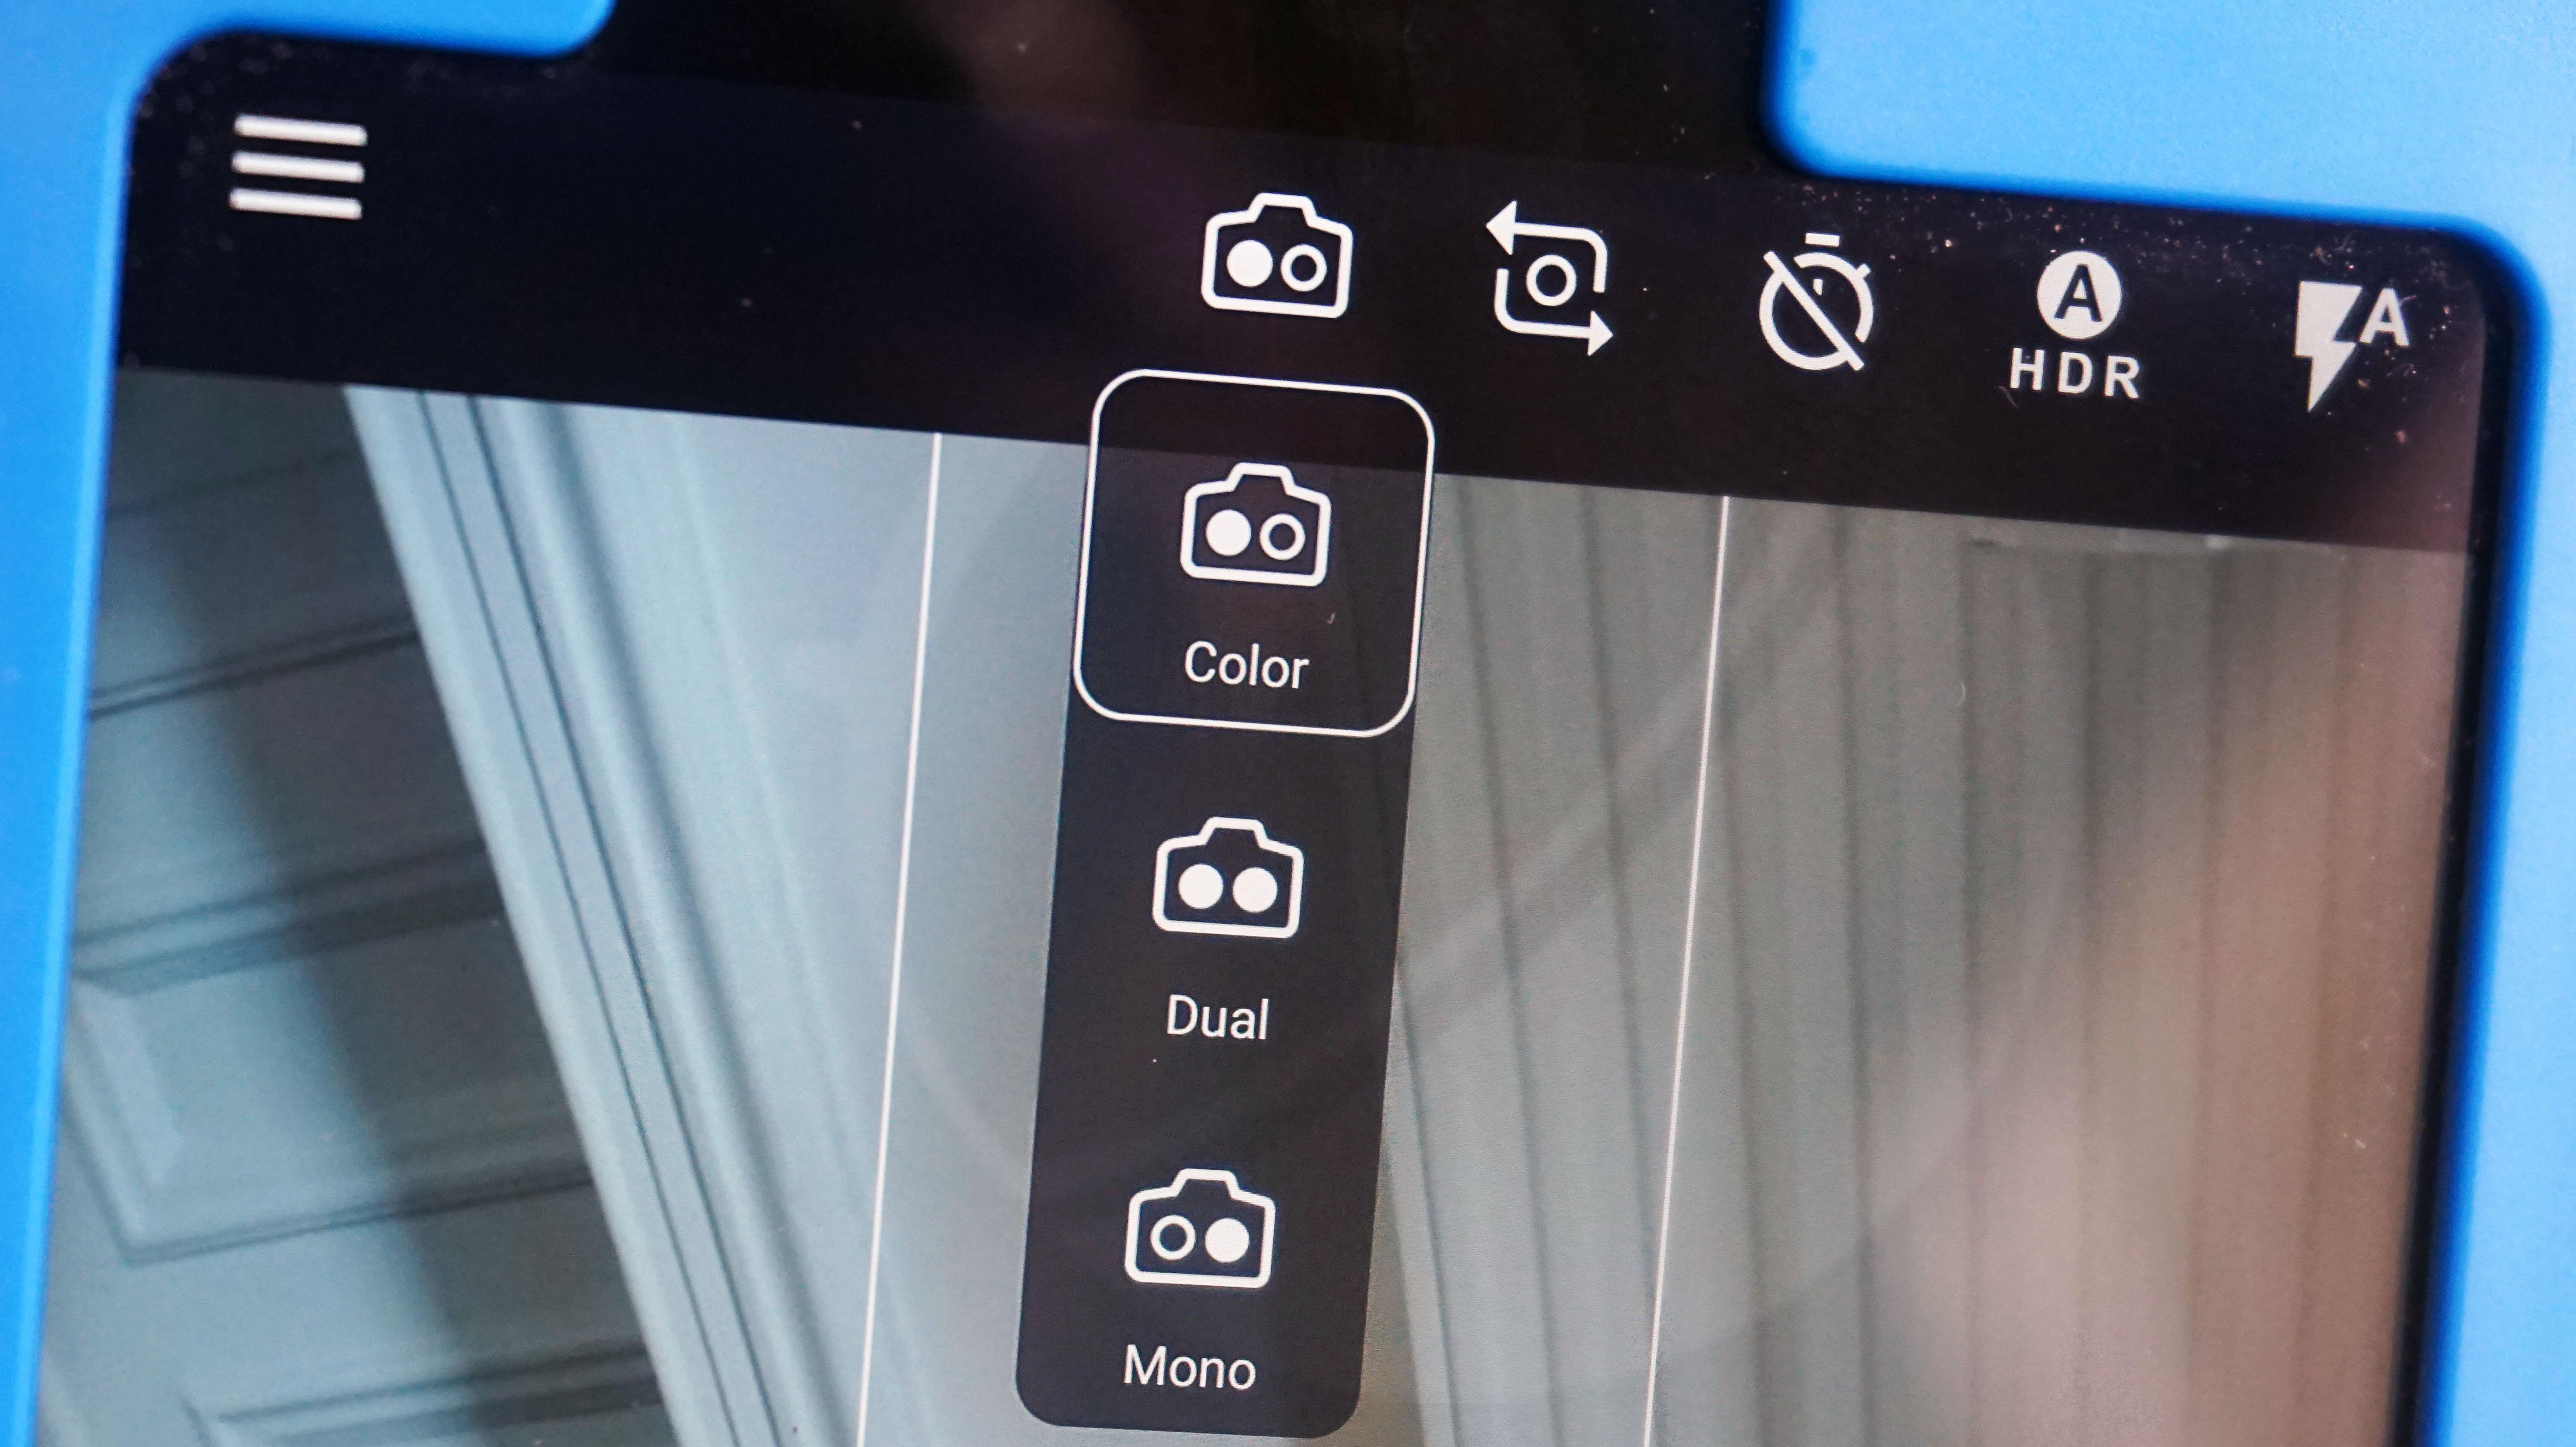 le Nokia 8 a bien deux capteurs photo de 13 Mégapixels € l instar des modules de Huawei il propose une vue monochrome une vue couleur ou un cliché